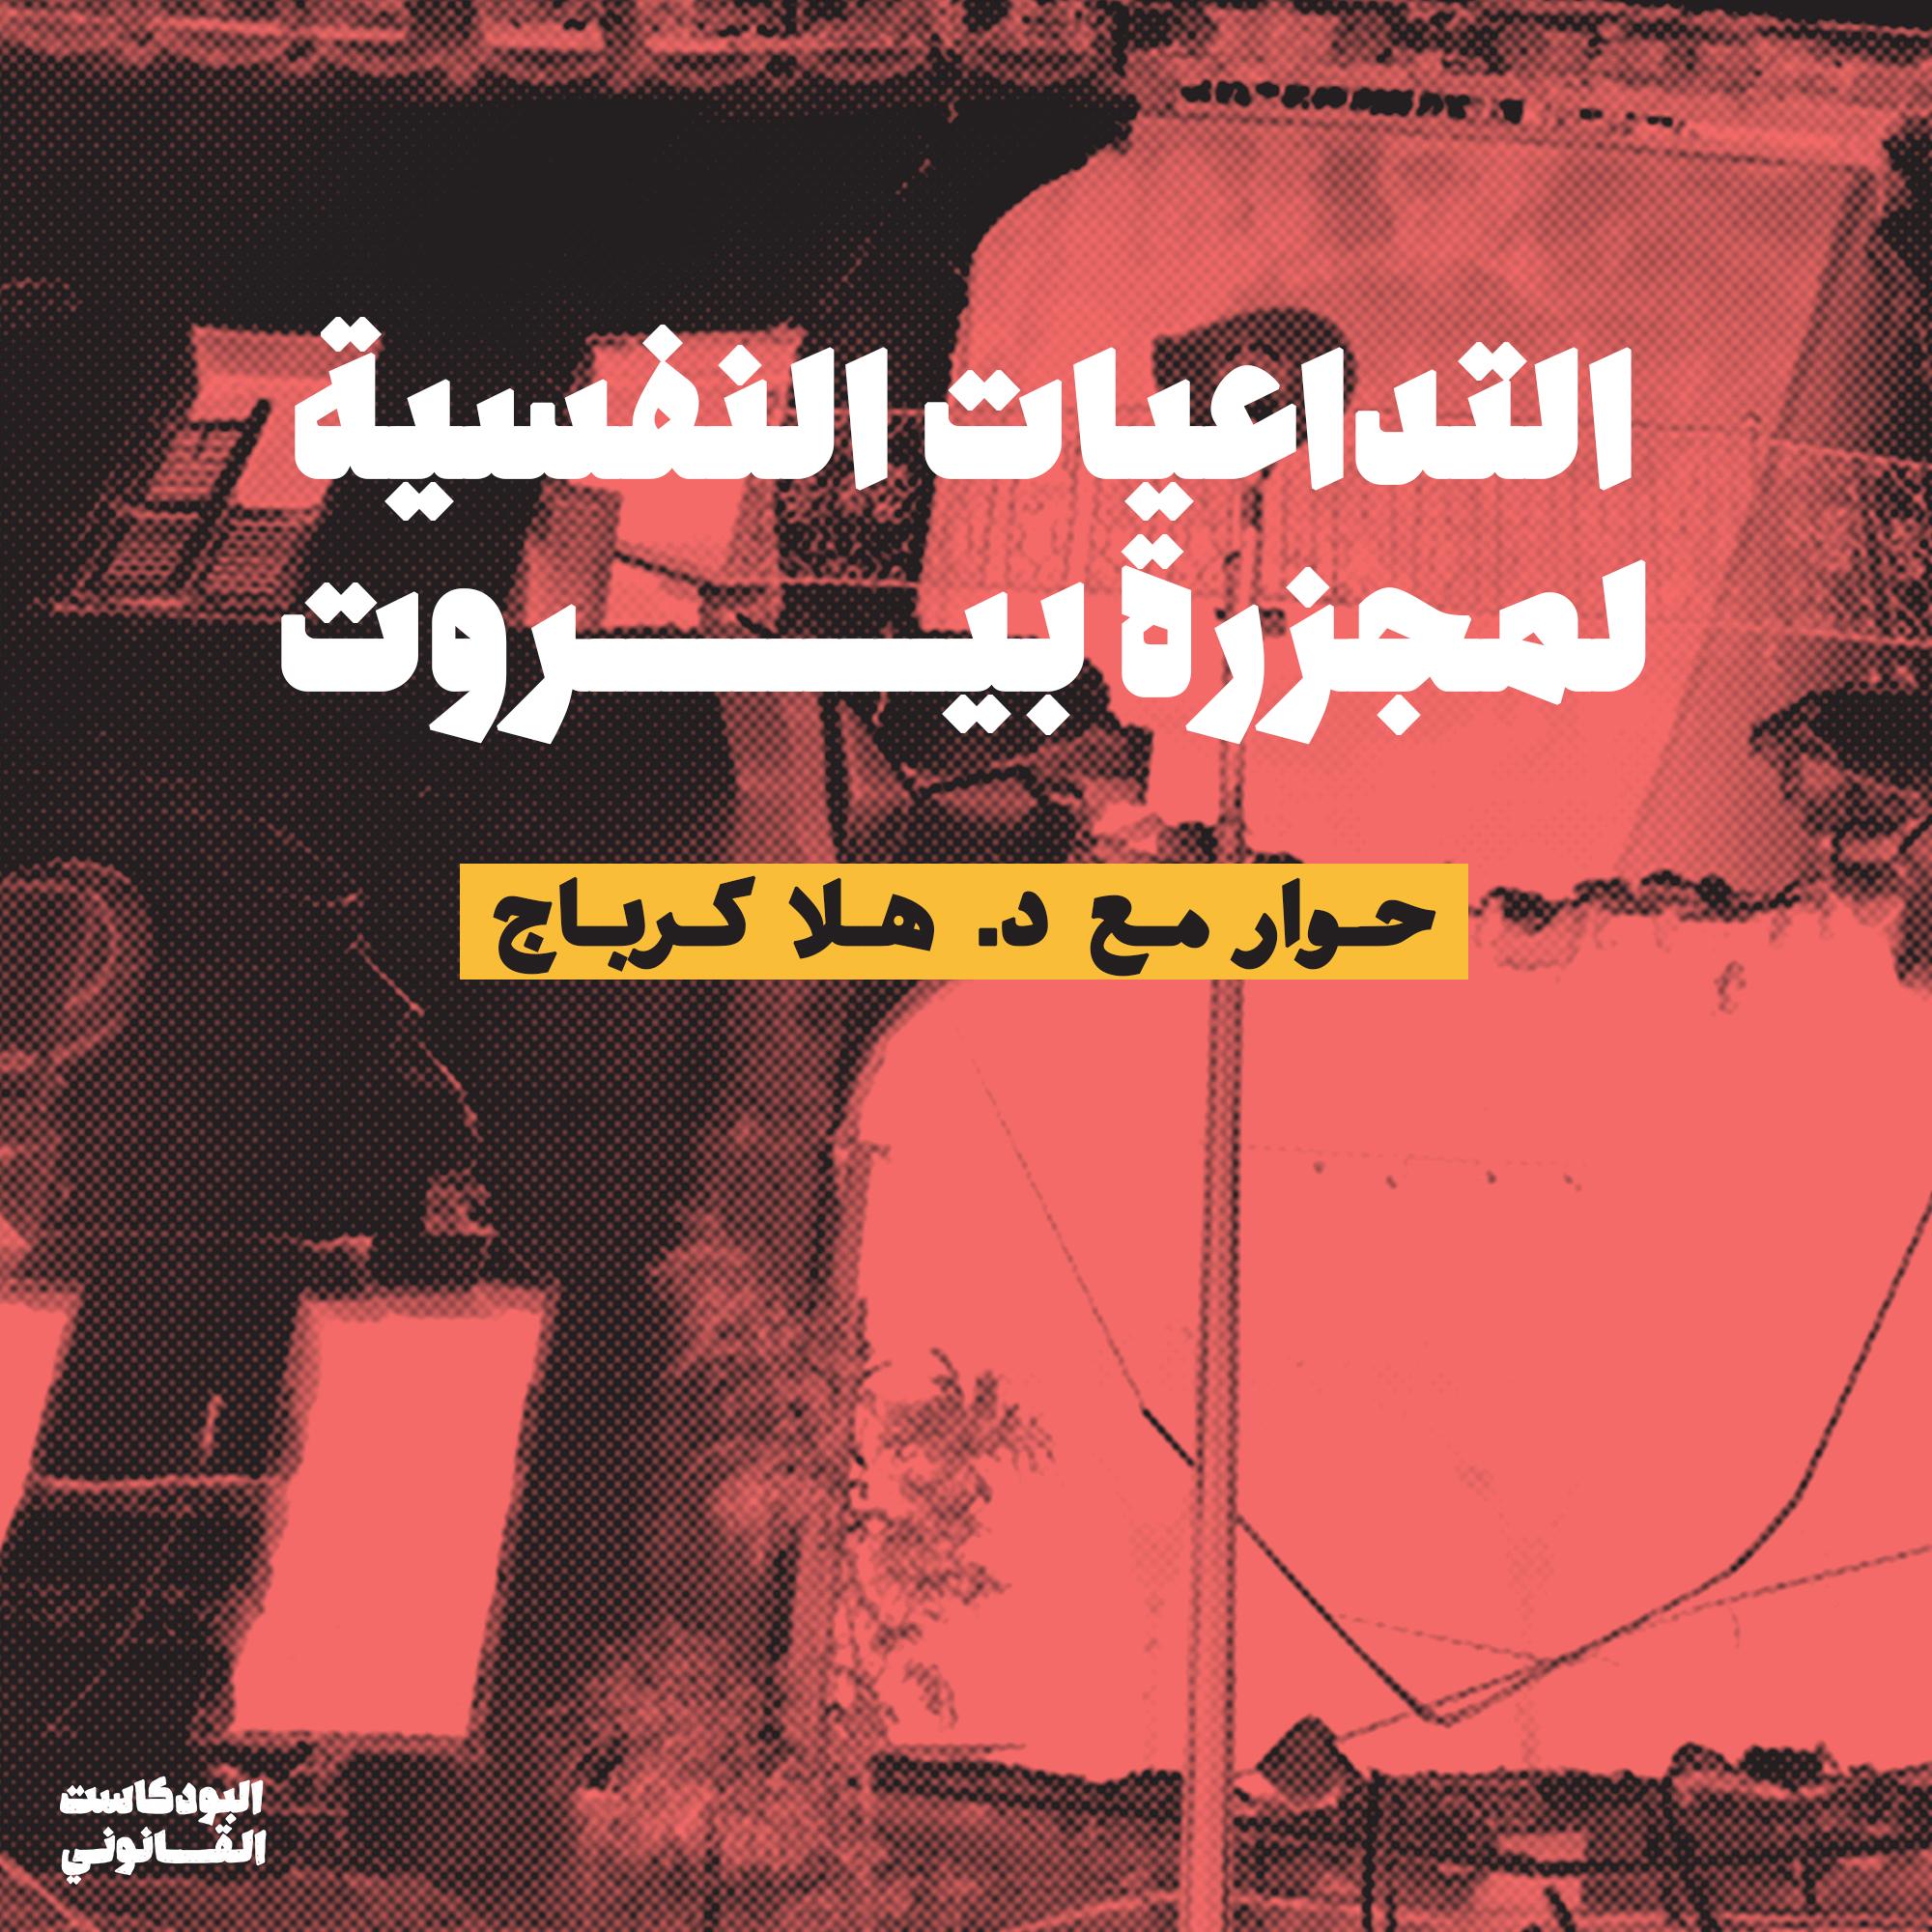 Qanuni Podcast (S02 E28): التداعيات النفسية لمجزرة بيروت